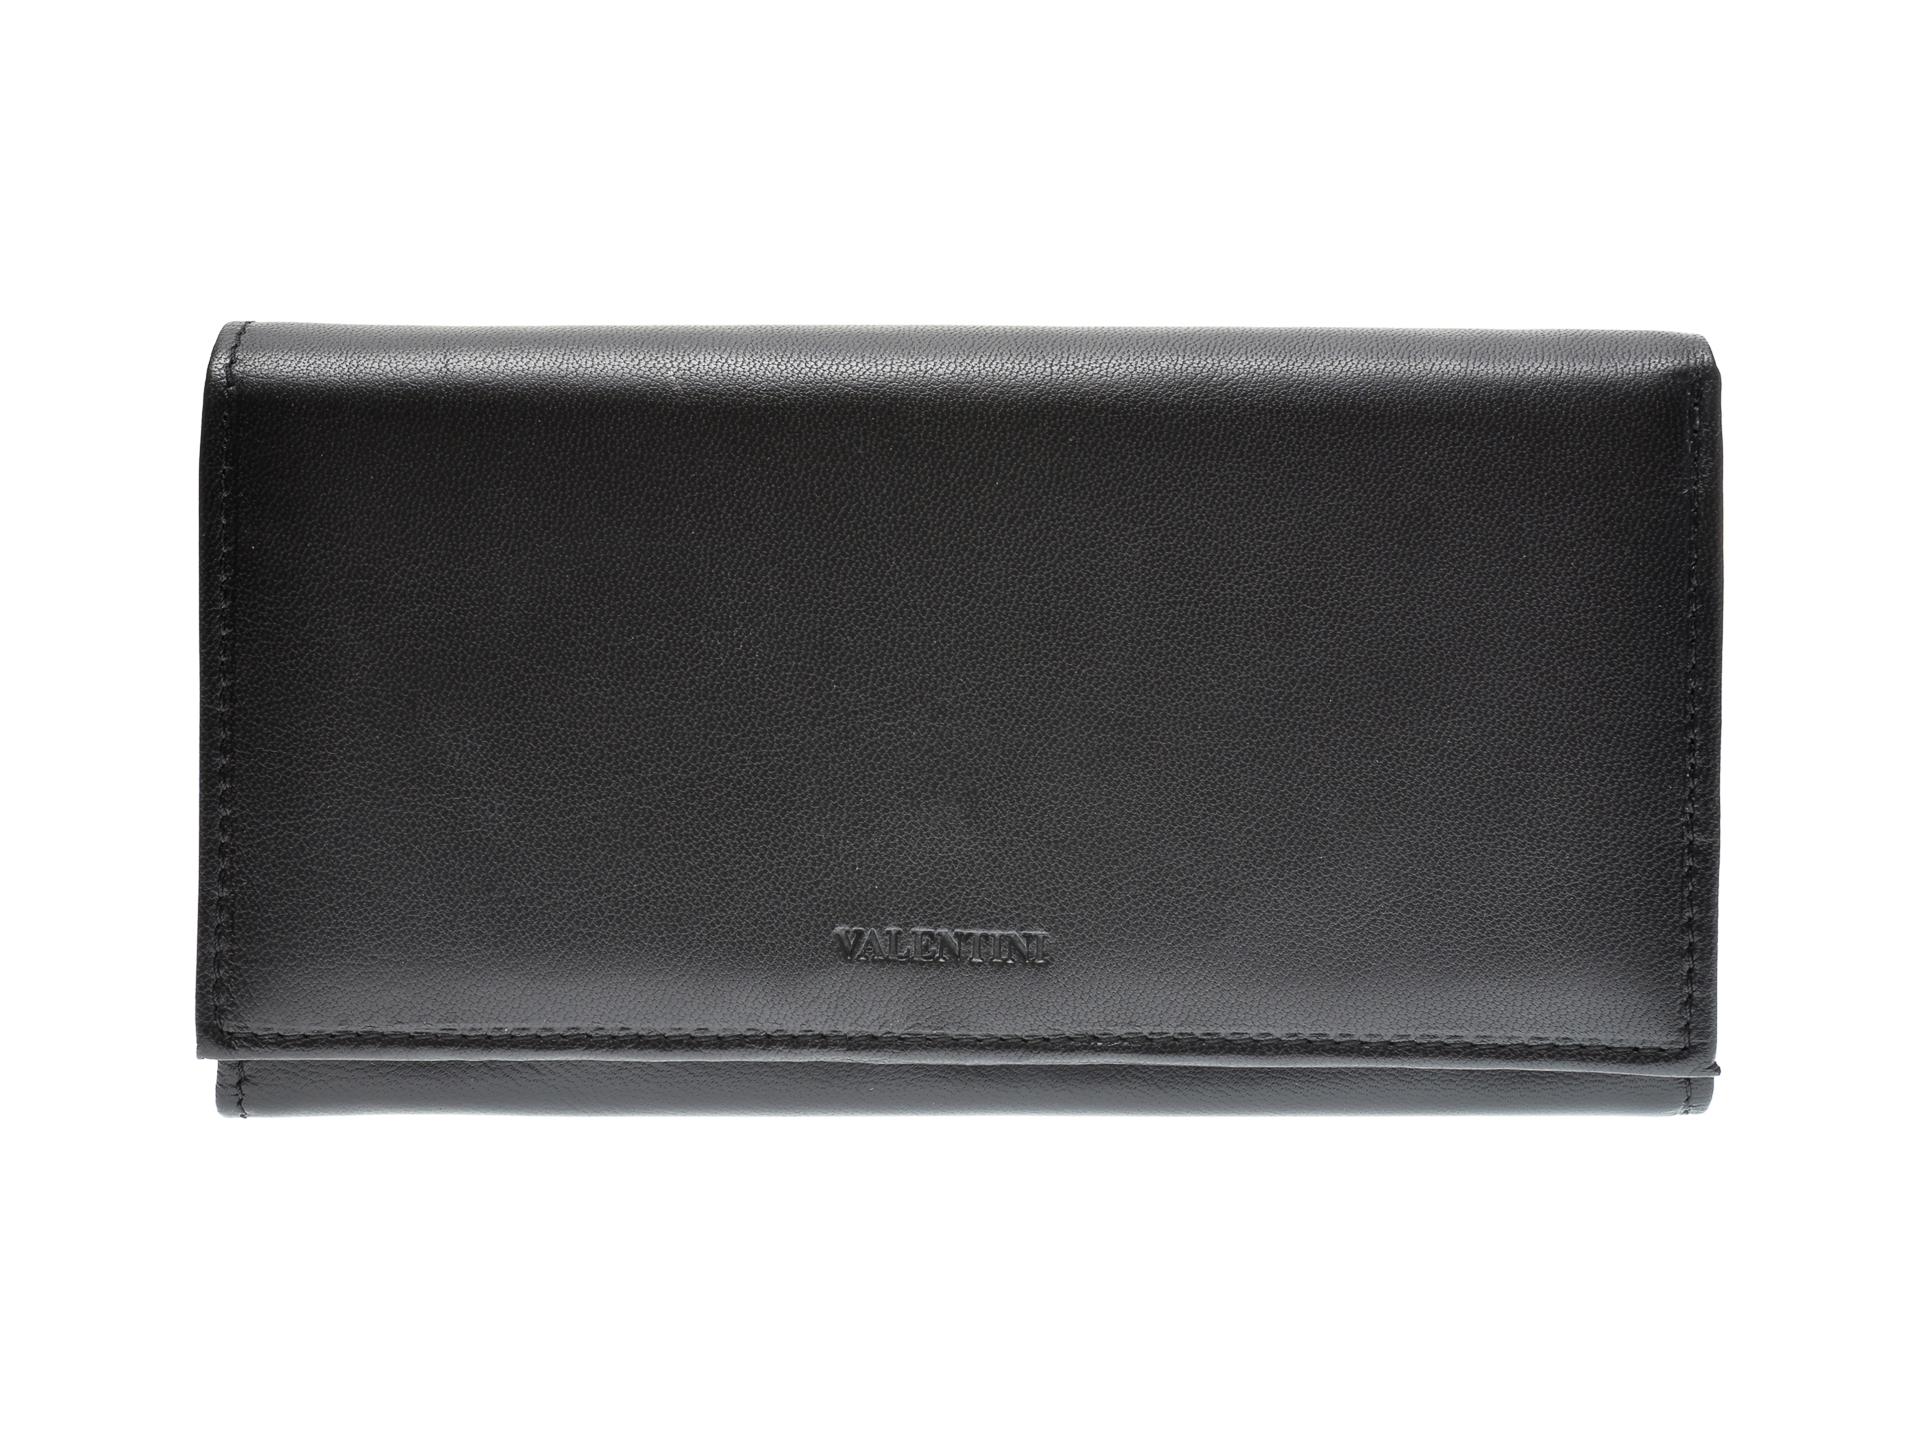 Portofel EPICA negru, A306895, din piele naturala imagine